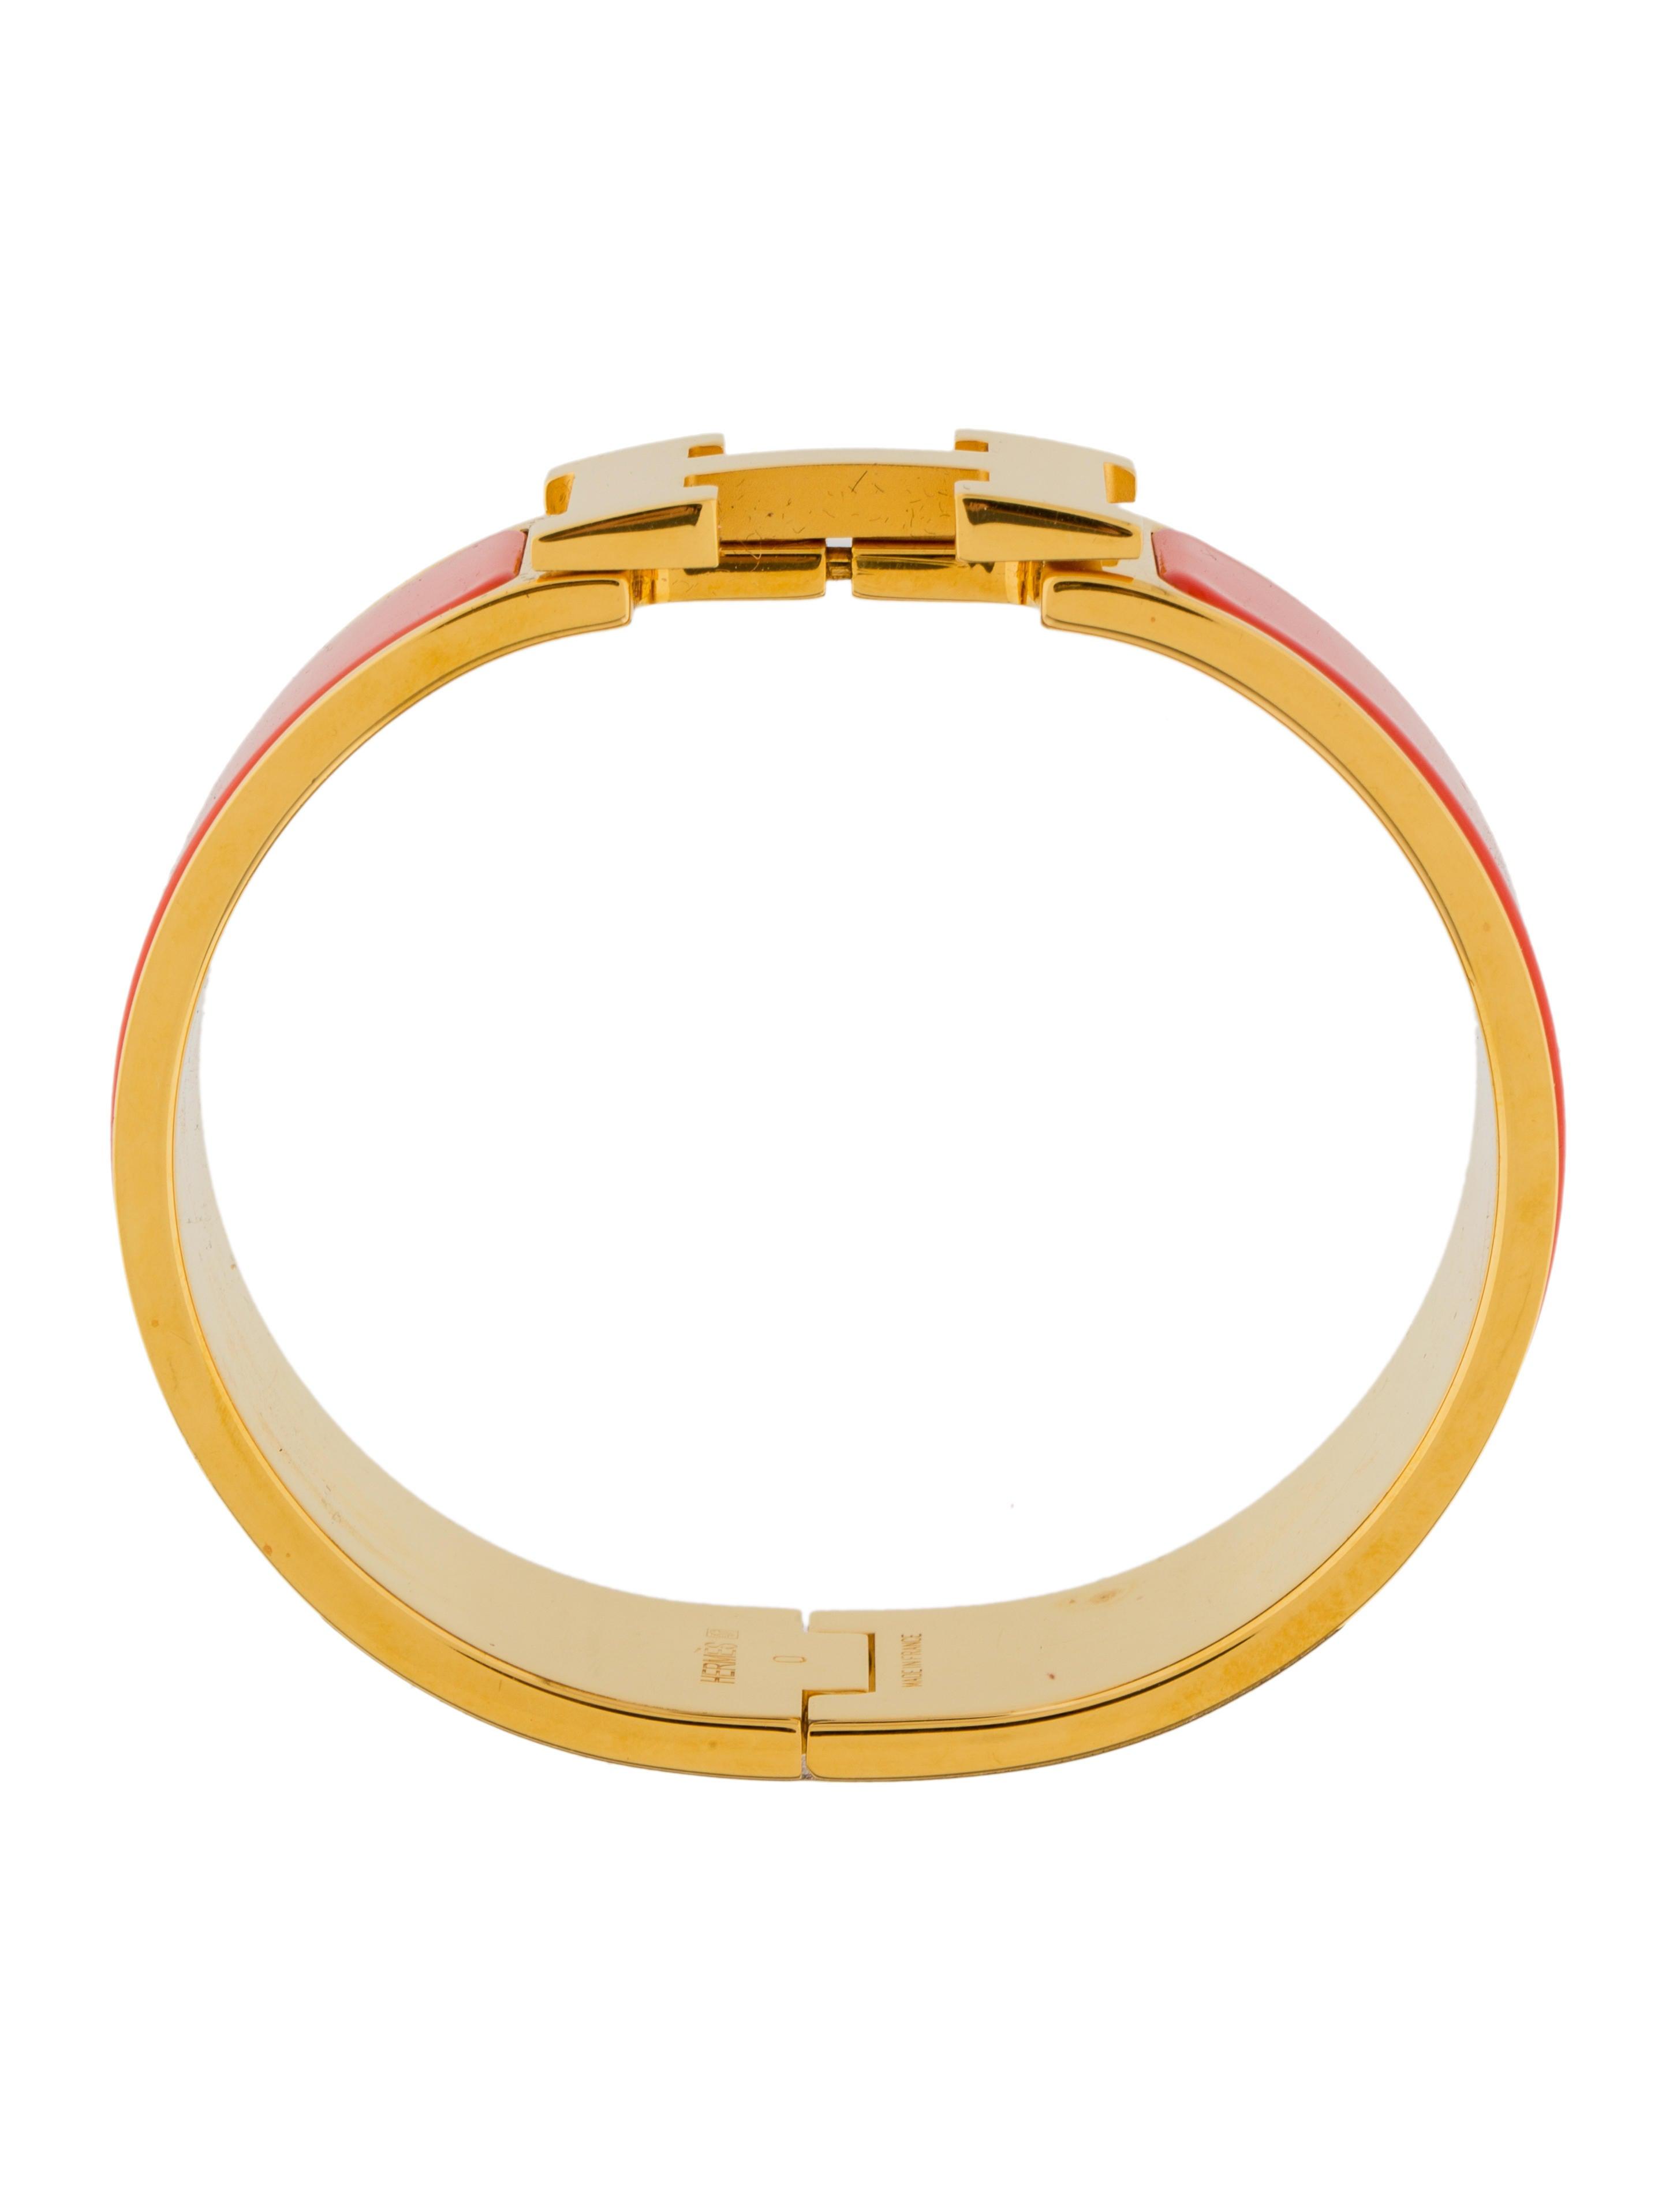 herm s clic clac h bracelet bracelets her110049 the. Black Bedroom Furniture Sets. Home Design Ideas